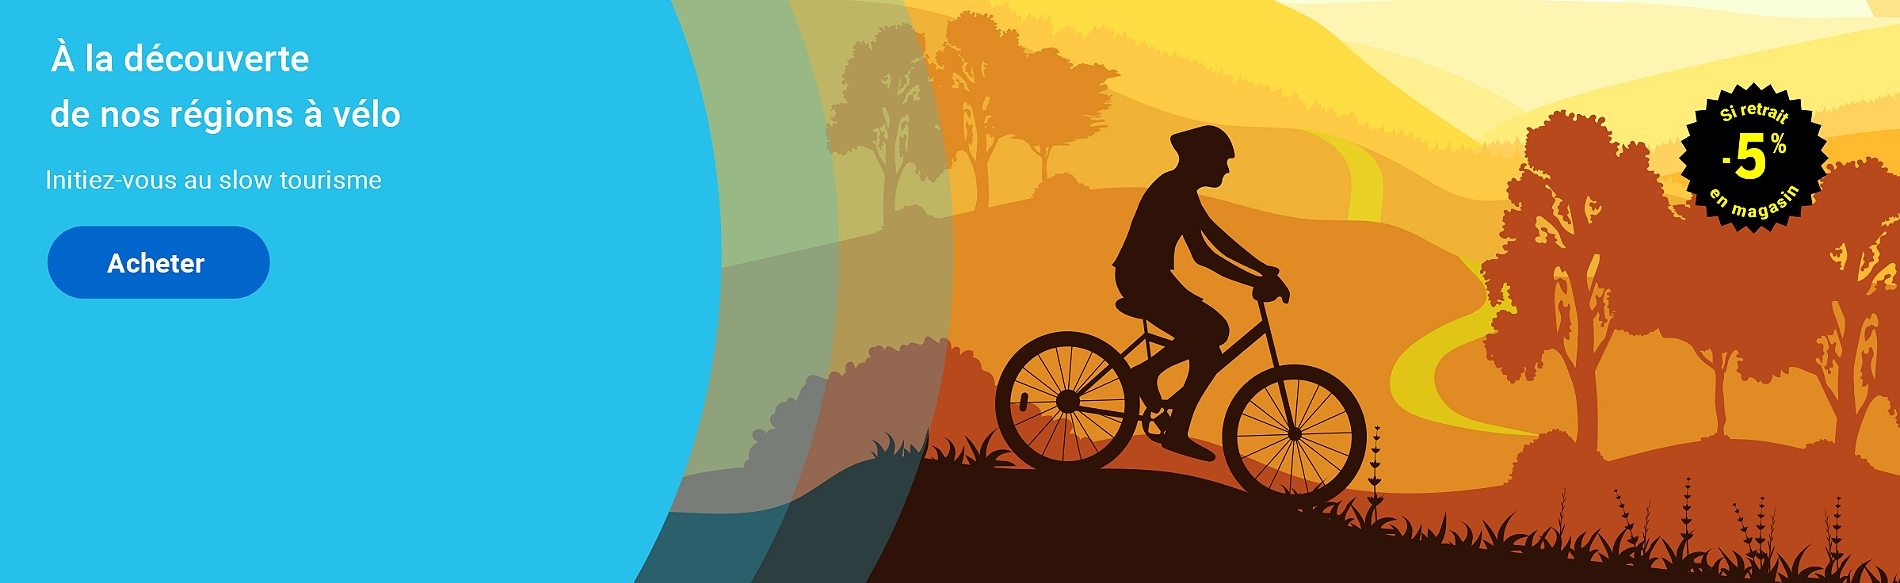 Spécial vélo : le tourisme autrement